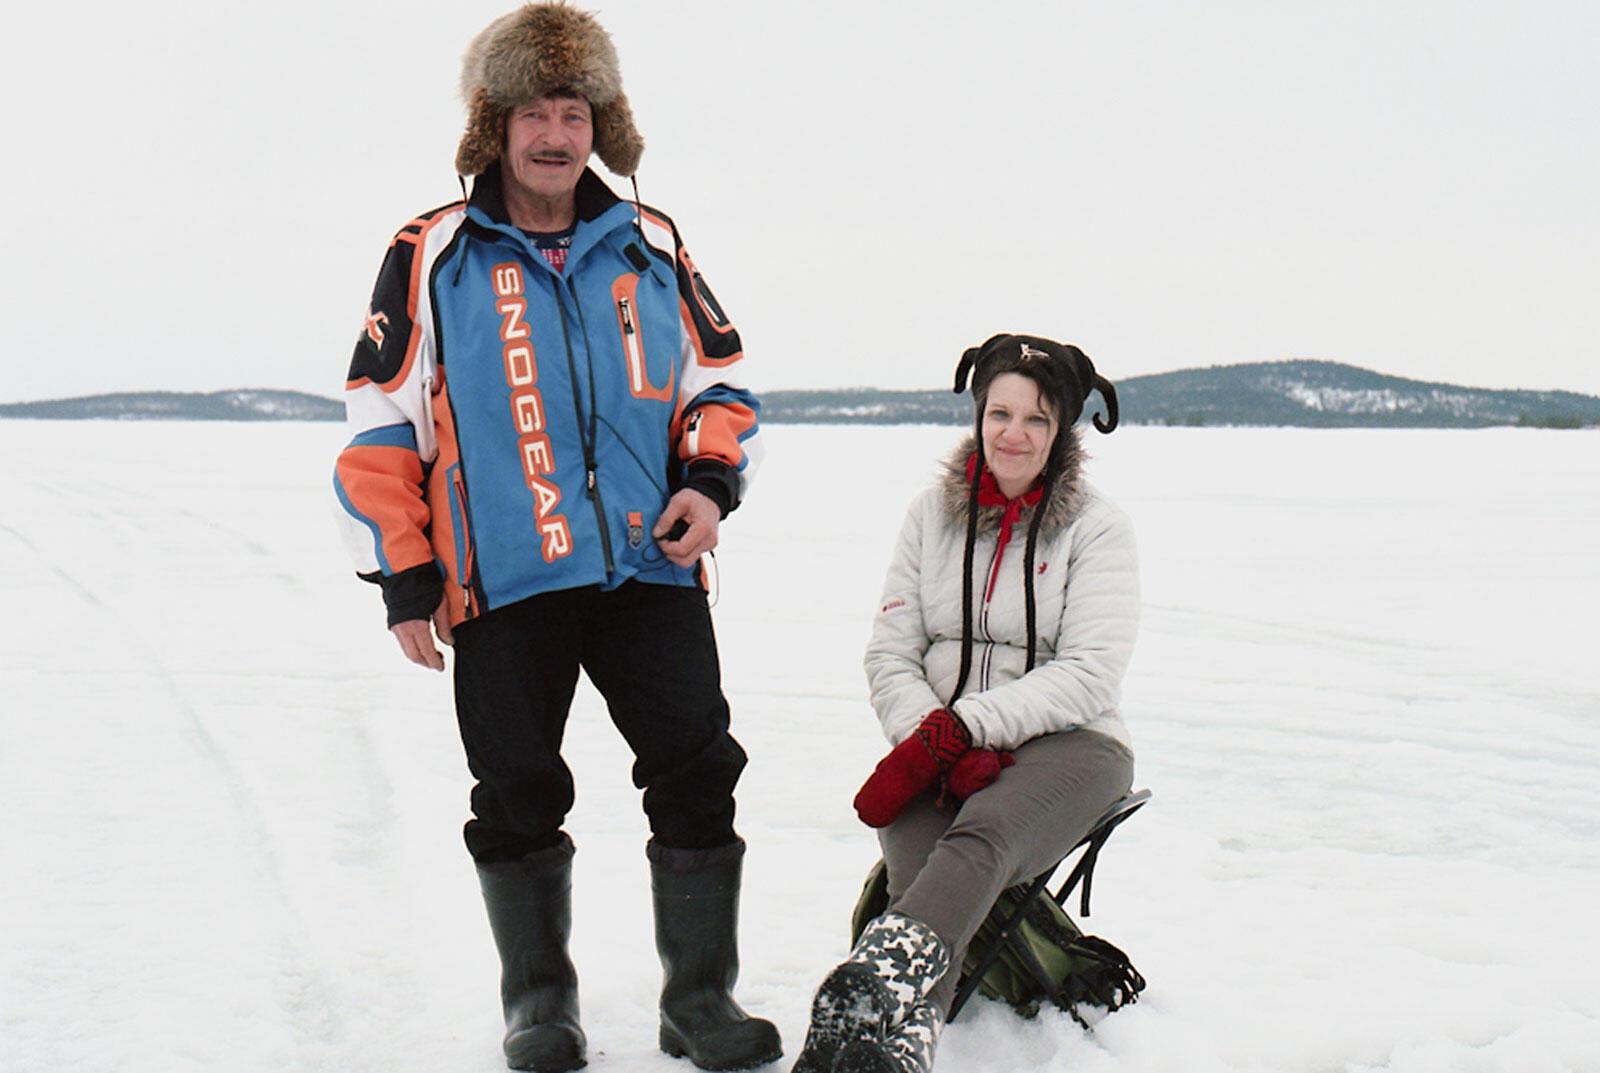 Jouni et Marianne Haikio, pêcheurs et éleveurs de rennes sur le lac d'Inari.